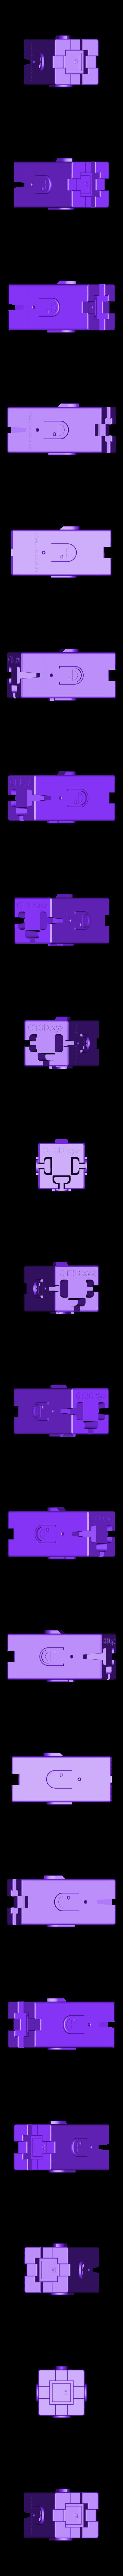 Scout_Tower_T_Closed_(Modular Castle Playset - 3D-printable)_By_CreativeTools.se.stl Télécharger fichier STL gratuit Plateau modulaire de château (imprimable en 3D) • Modèle à imprimer en 3D, CreativeTools